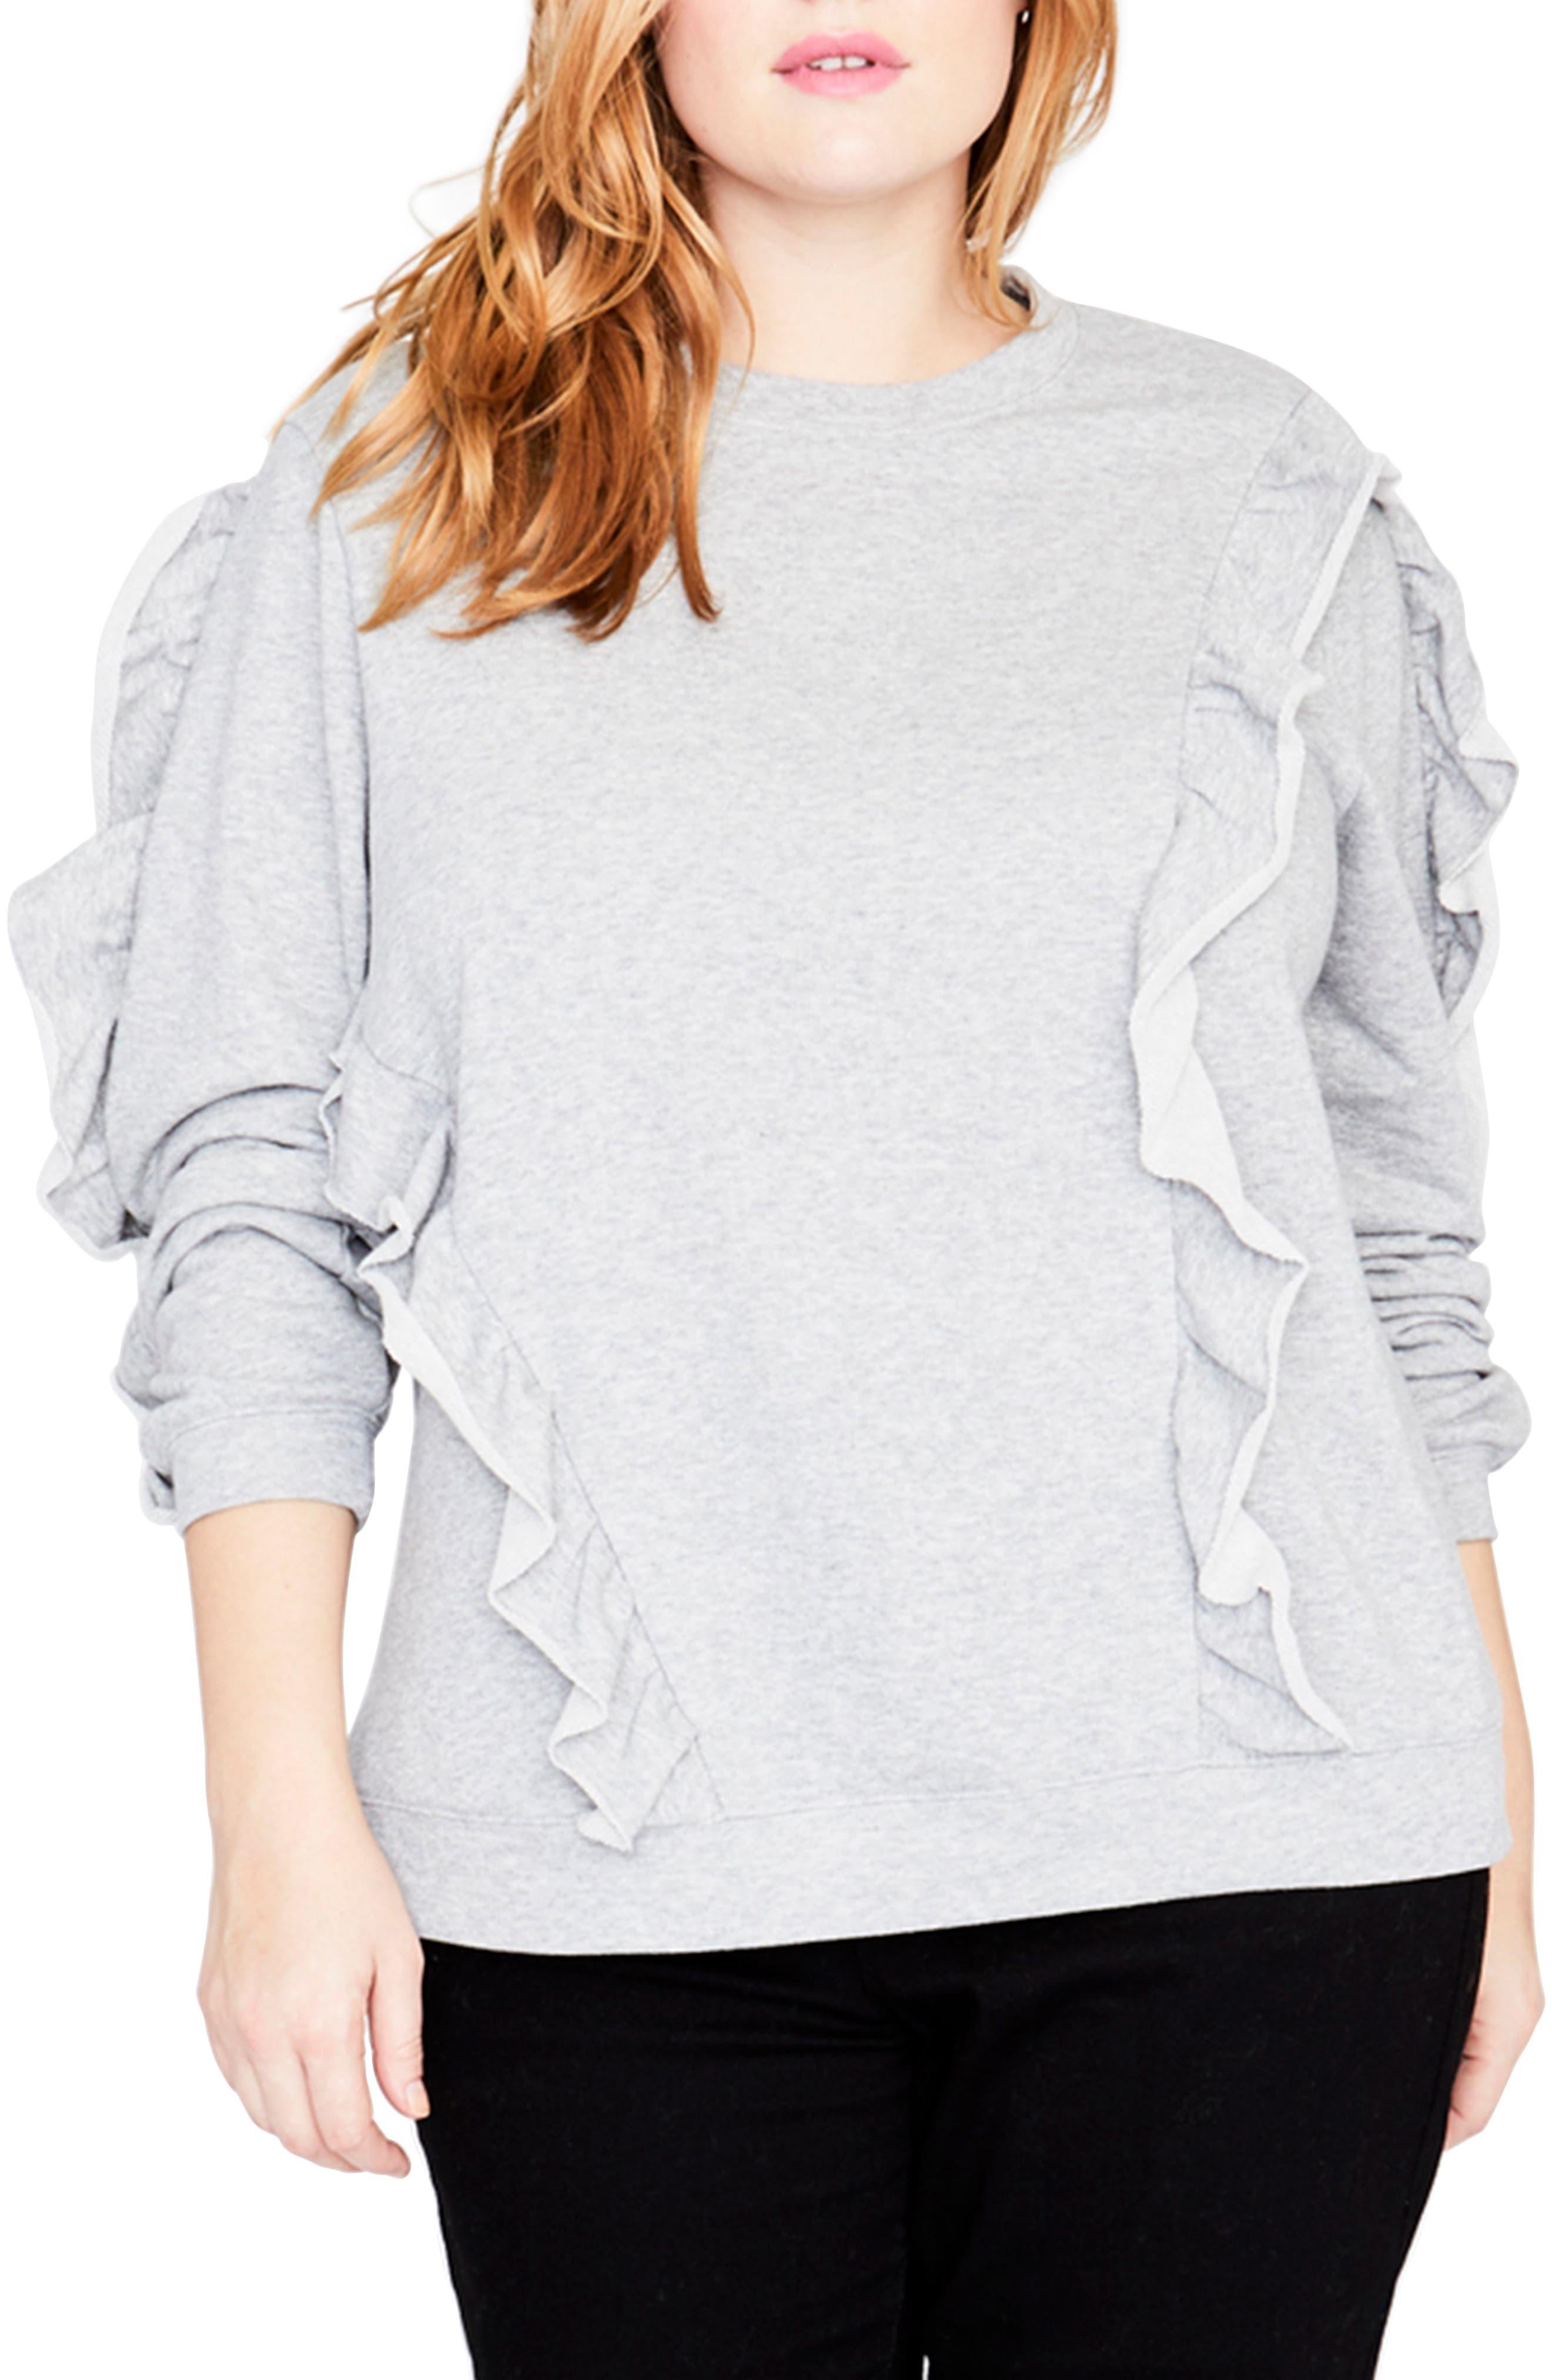 Alternate Image 1 Selected - RACHEL Rachel Roy Ruffle Sweatshirt (Plus Size)